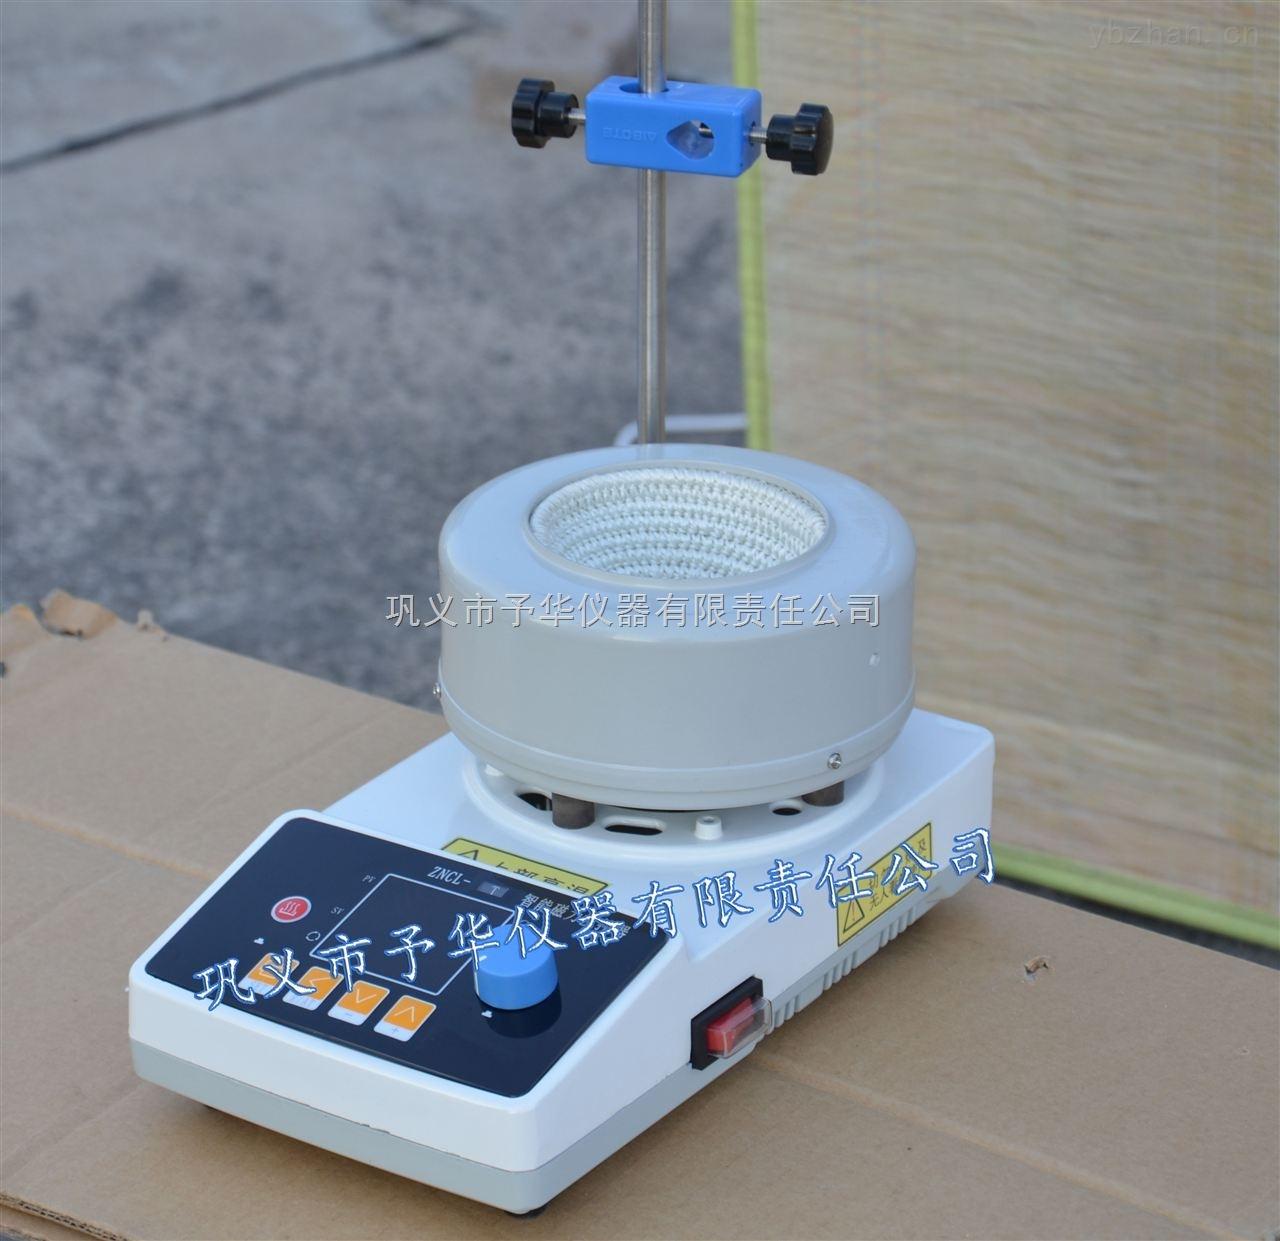 ZNCL-T-数显恒温磁力电热套首选予华仪器售后保障